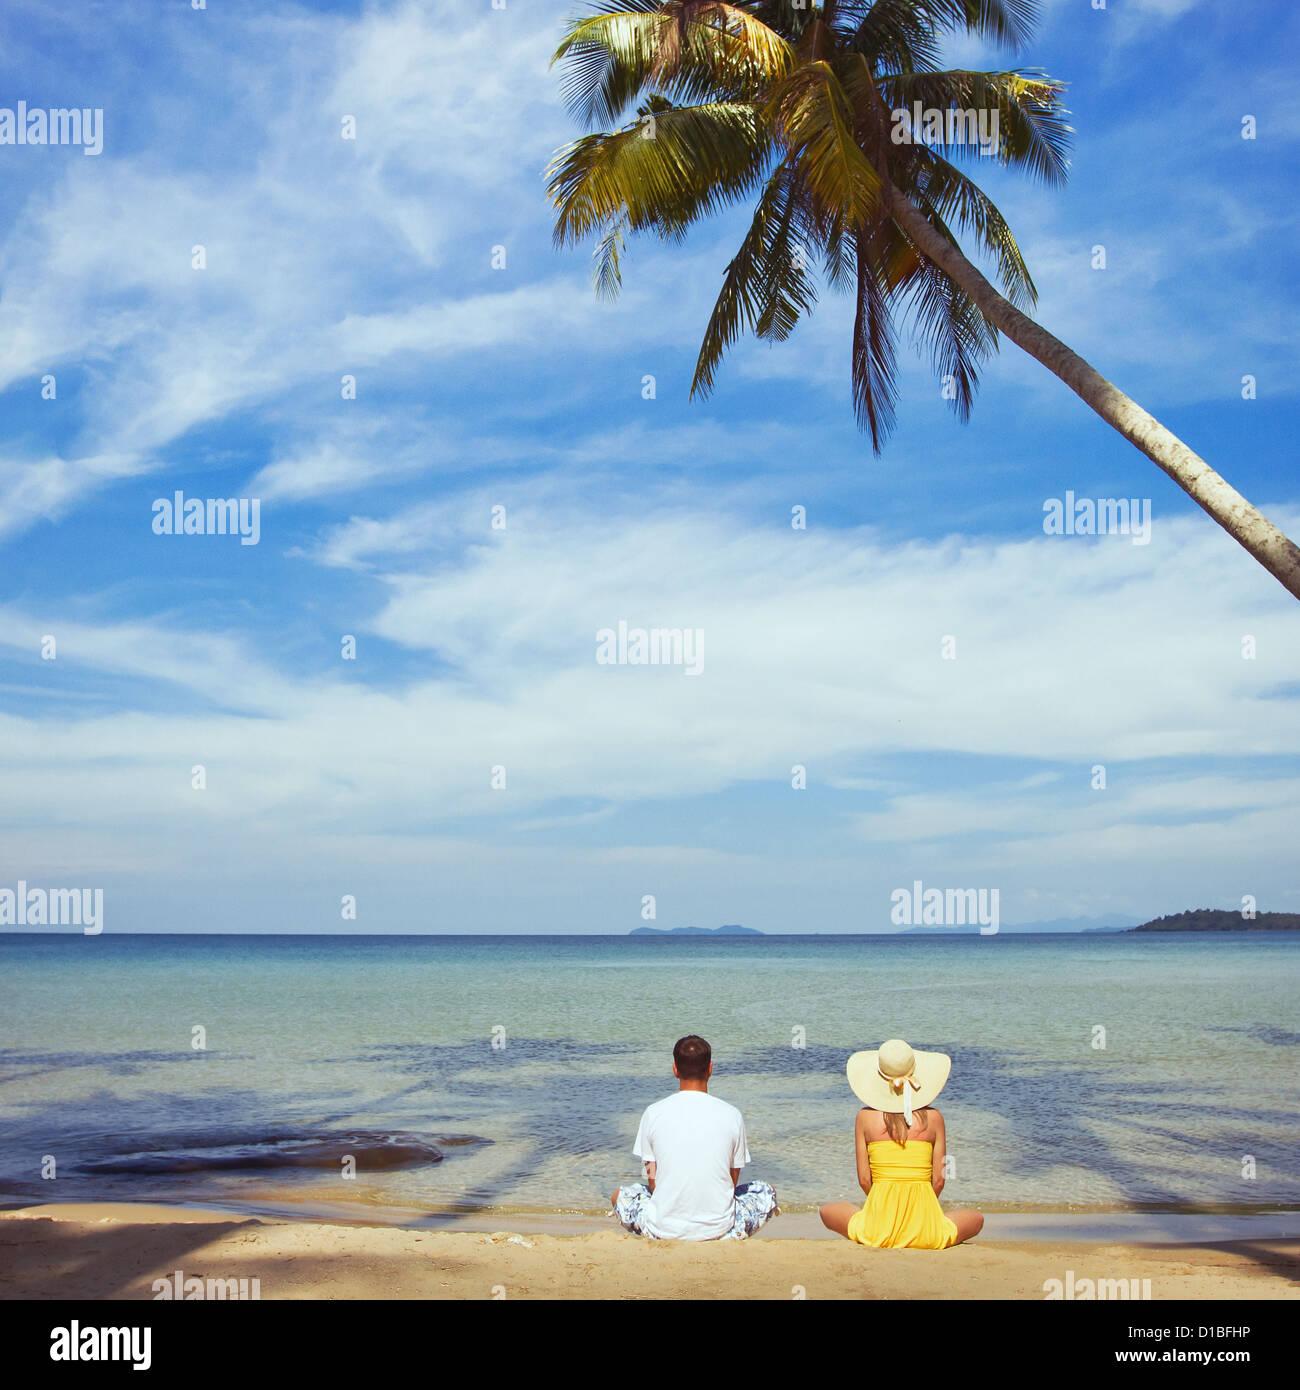 Vacaciones de verano Imagen De Stock